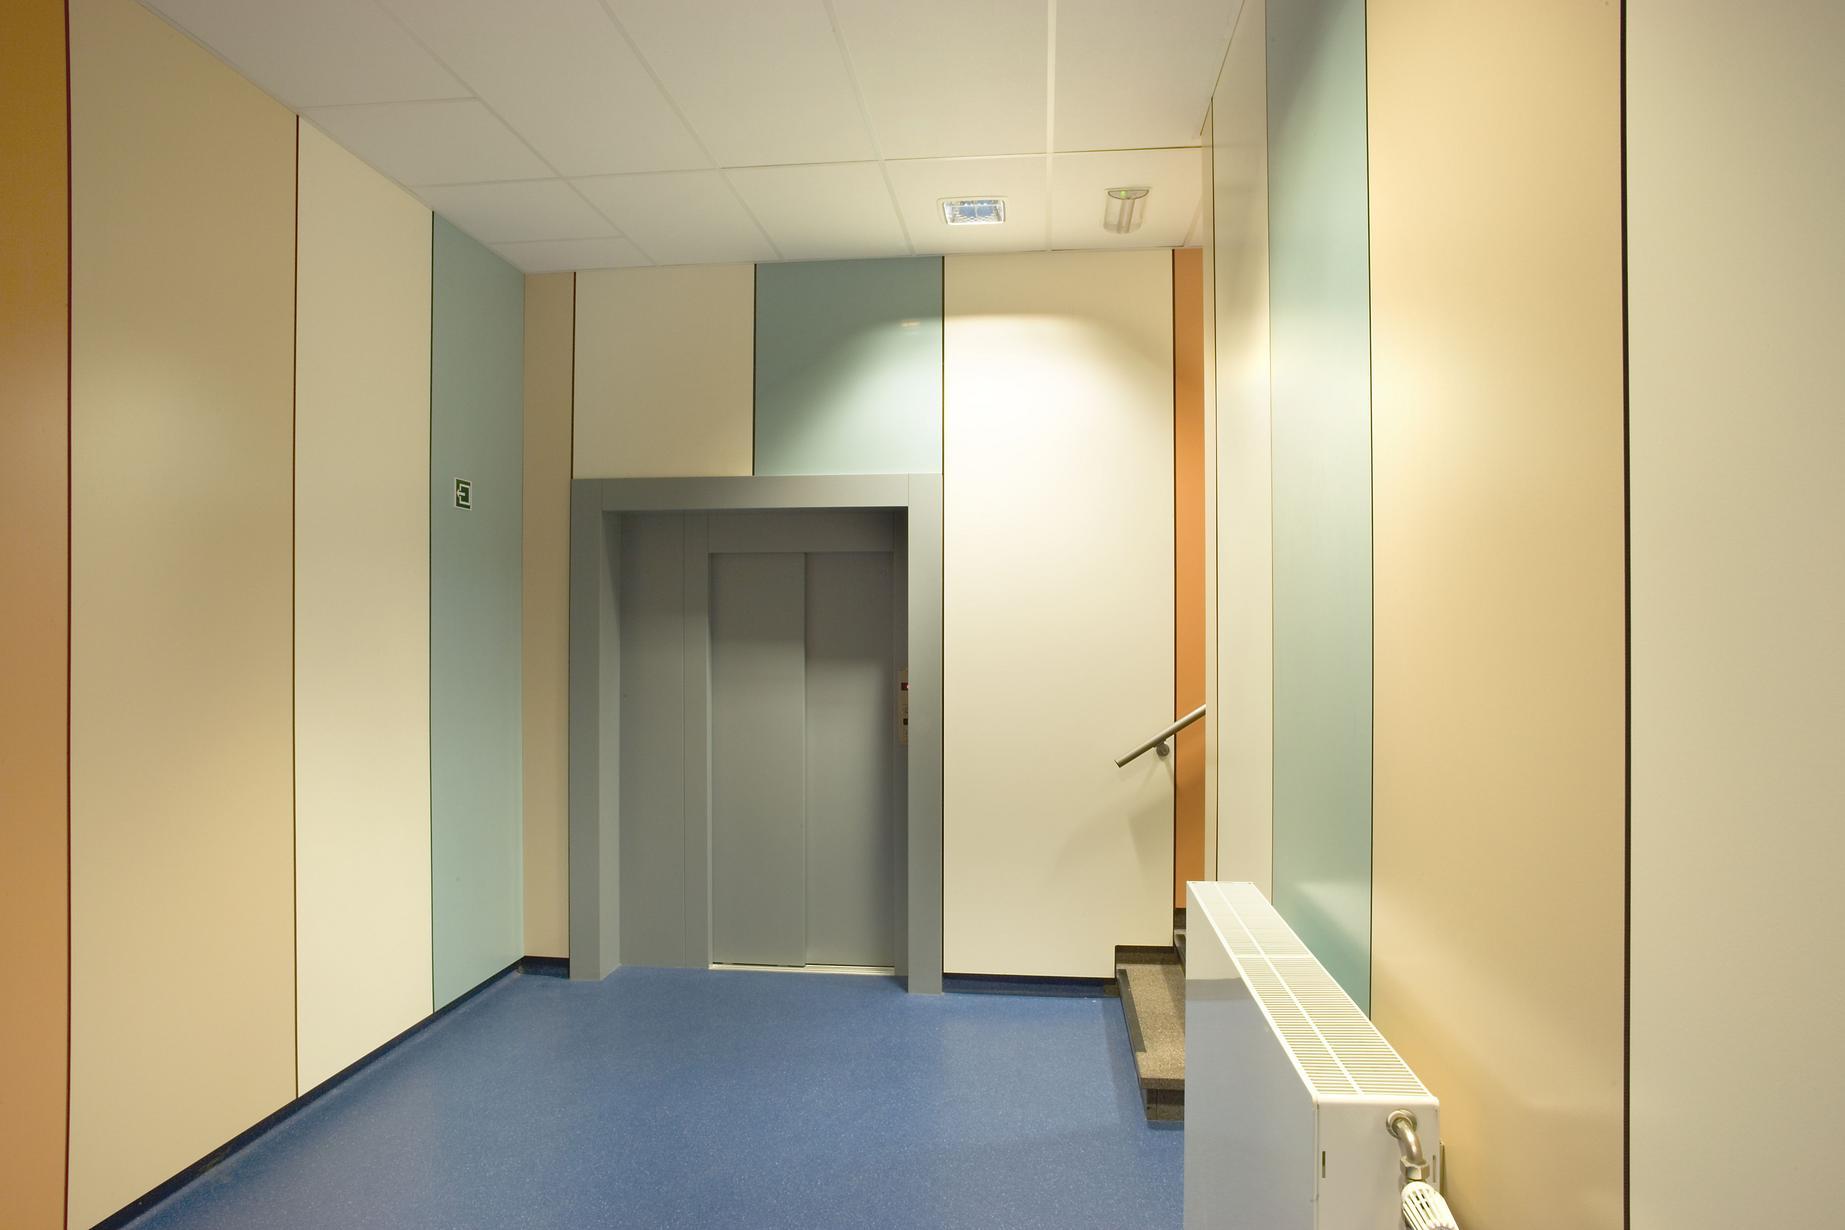 ПВХ панели часто используют для отделки офисных помещений